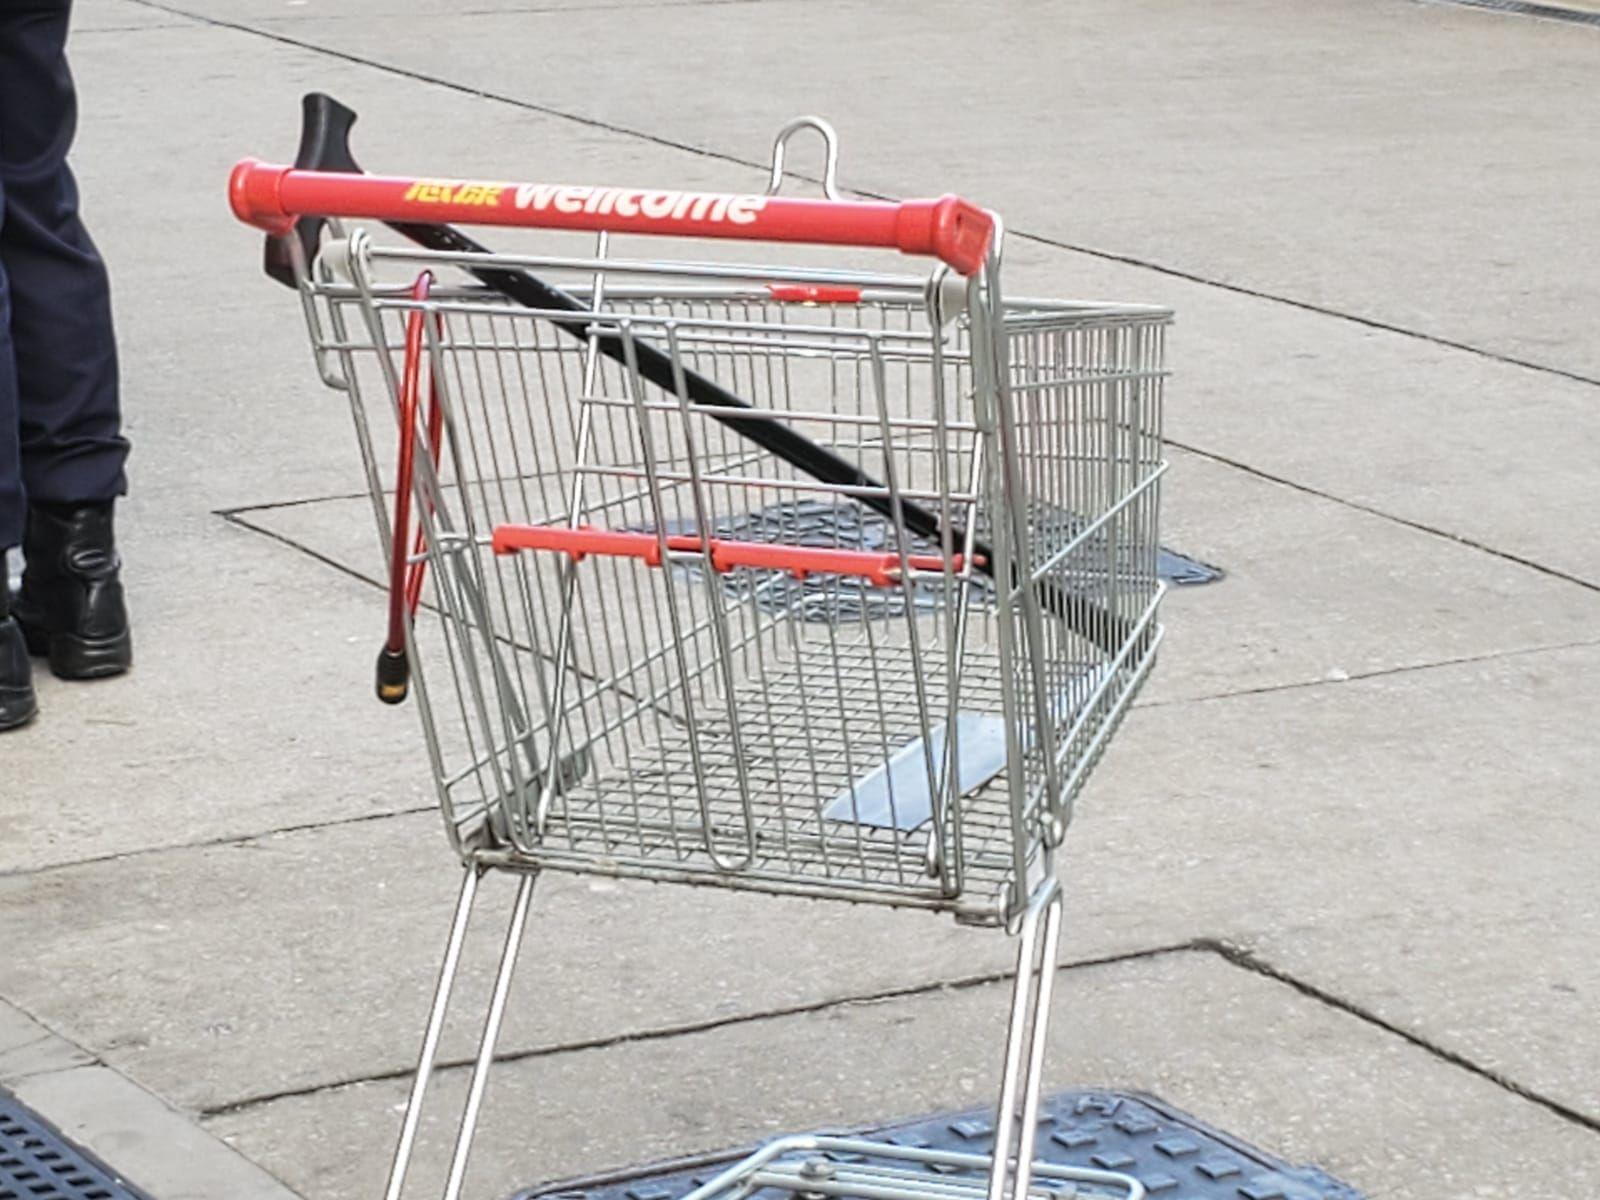 一輛超市手推車載着拐杖及菜刀